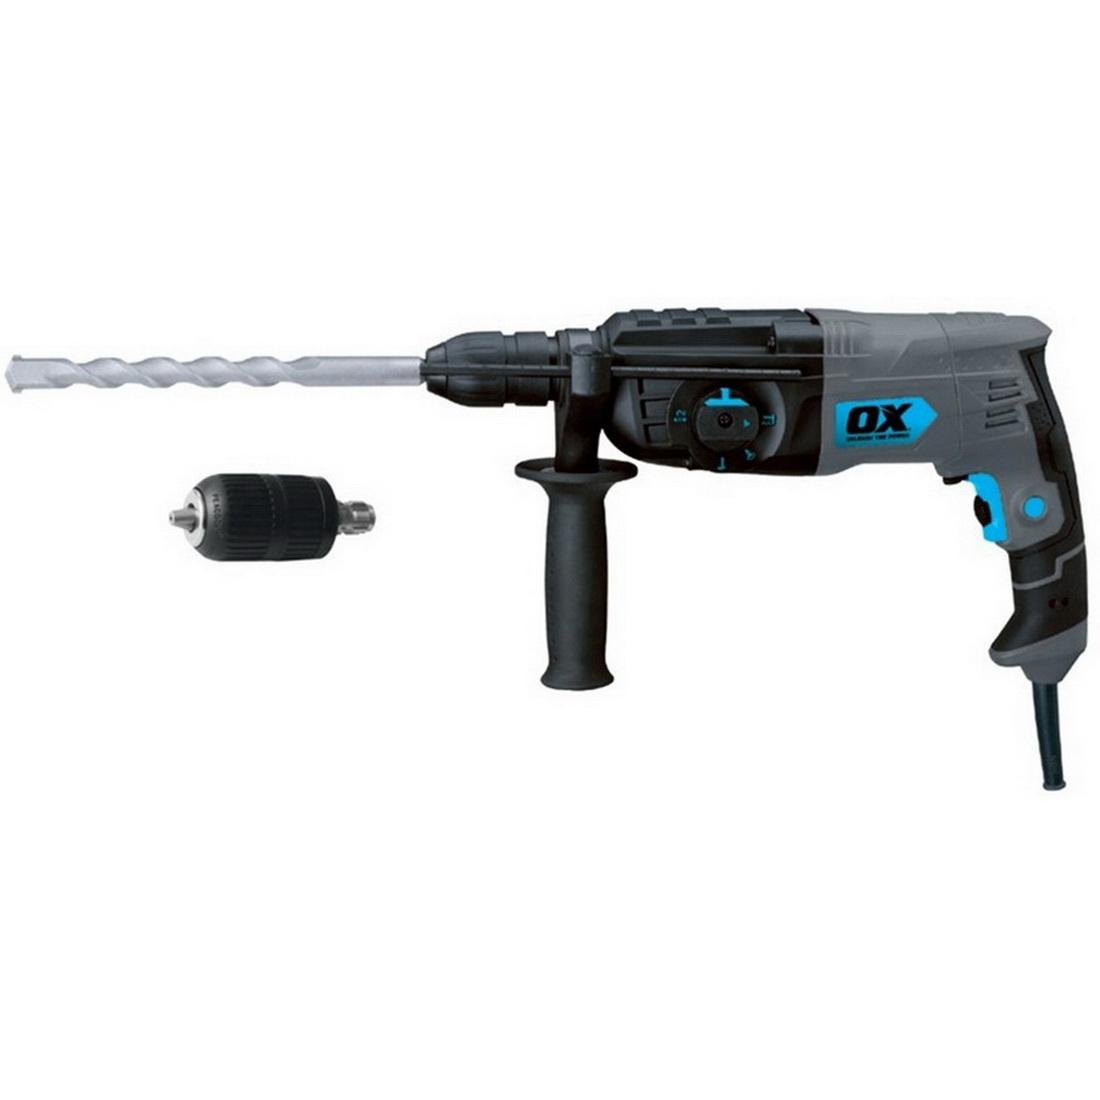 Sds Plus Rotary Hammer Drill 850W 2.3J 0-4700Ipm